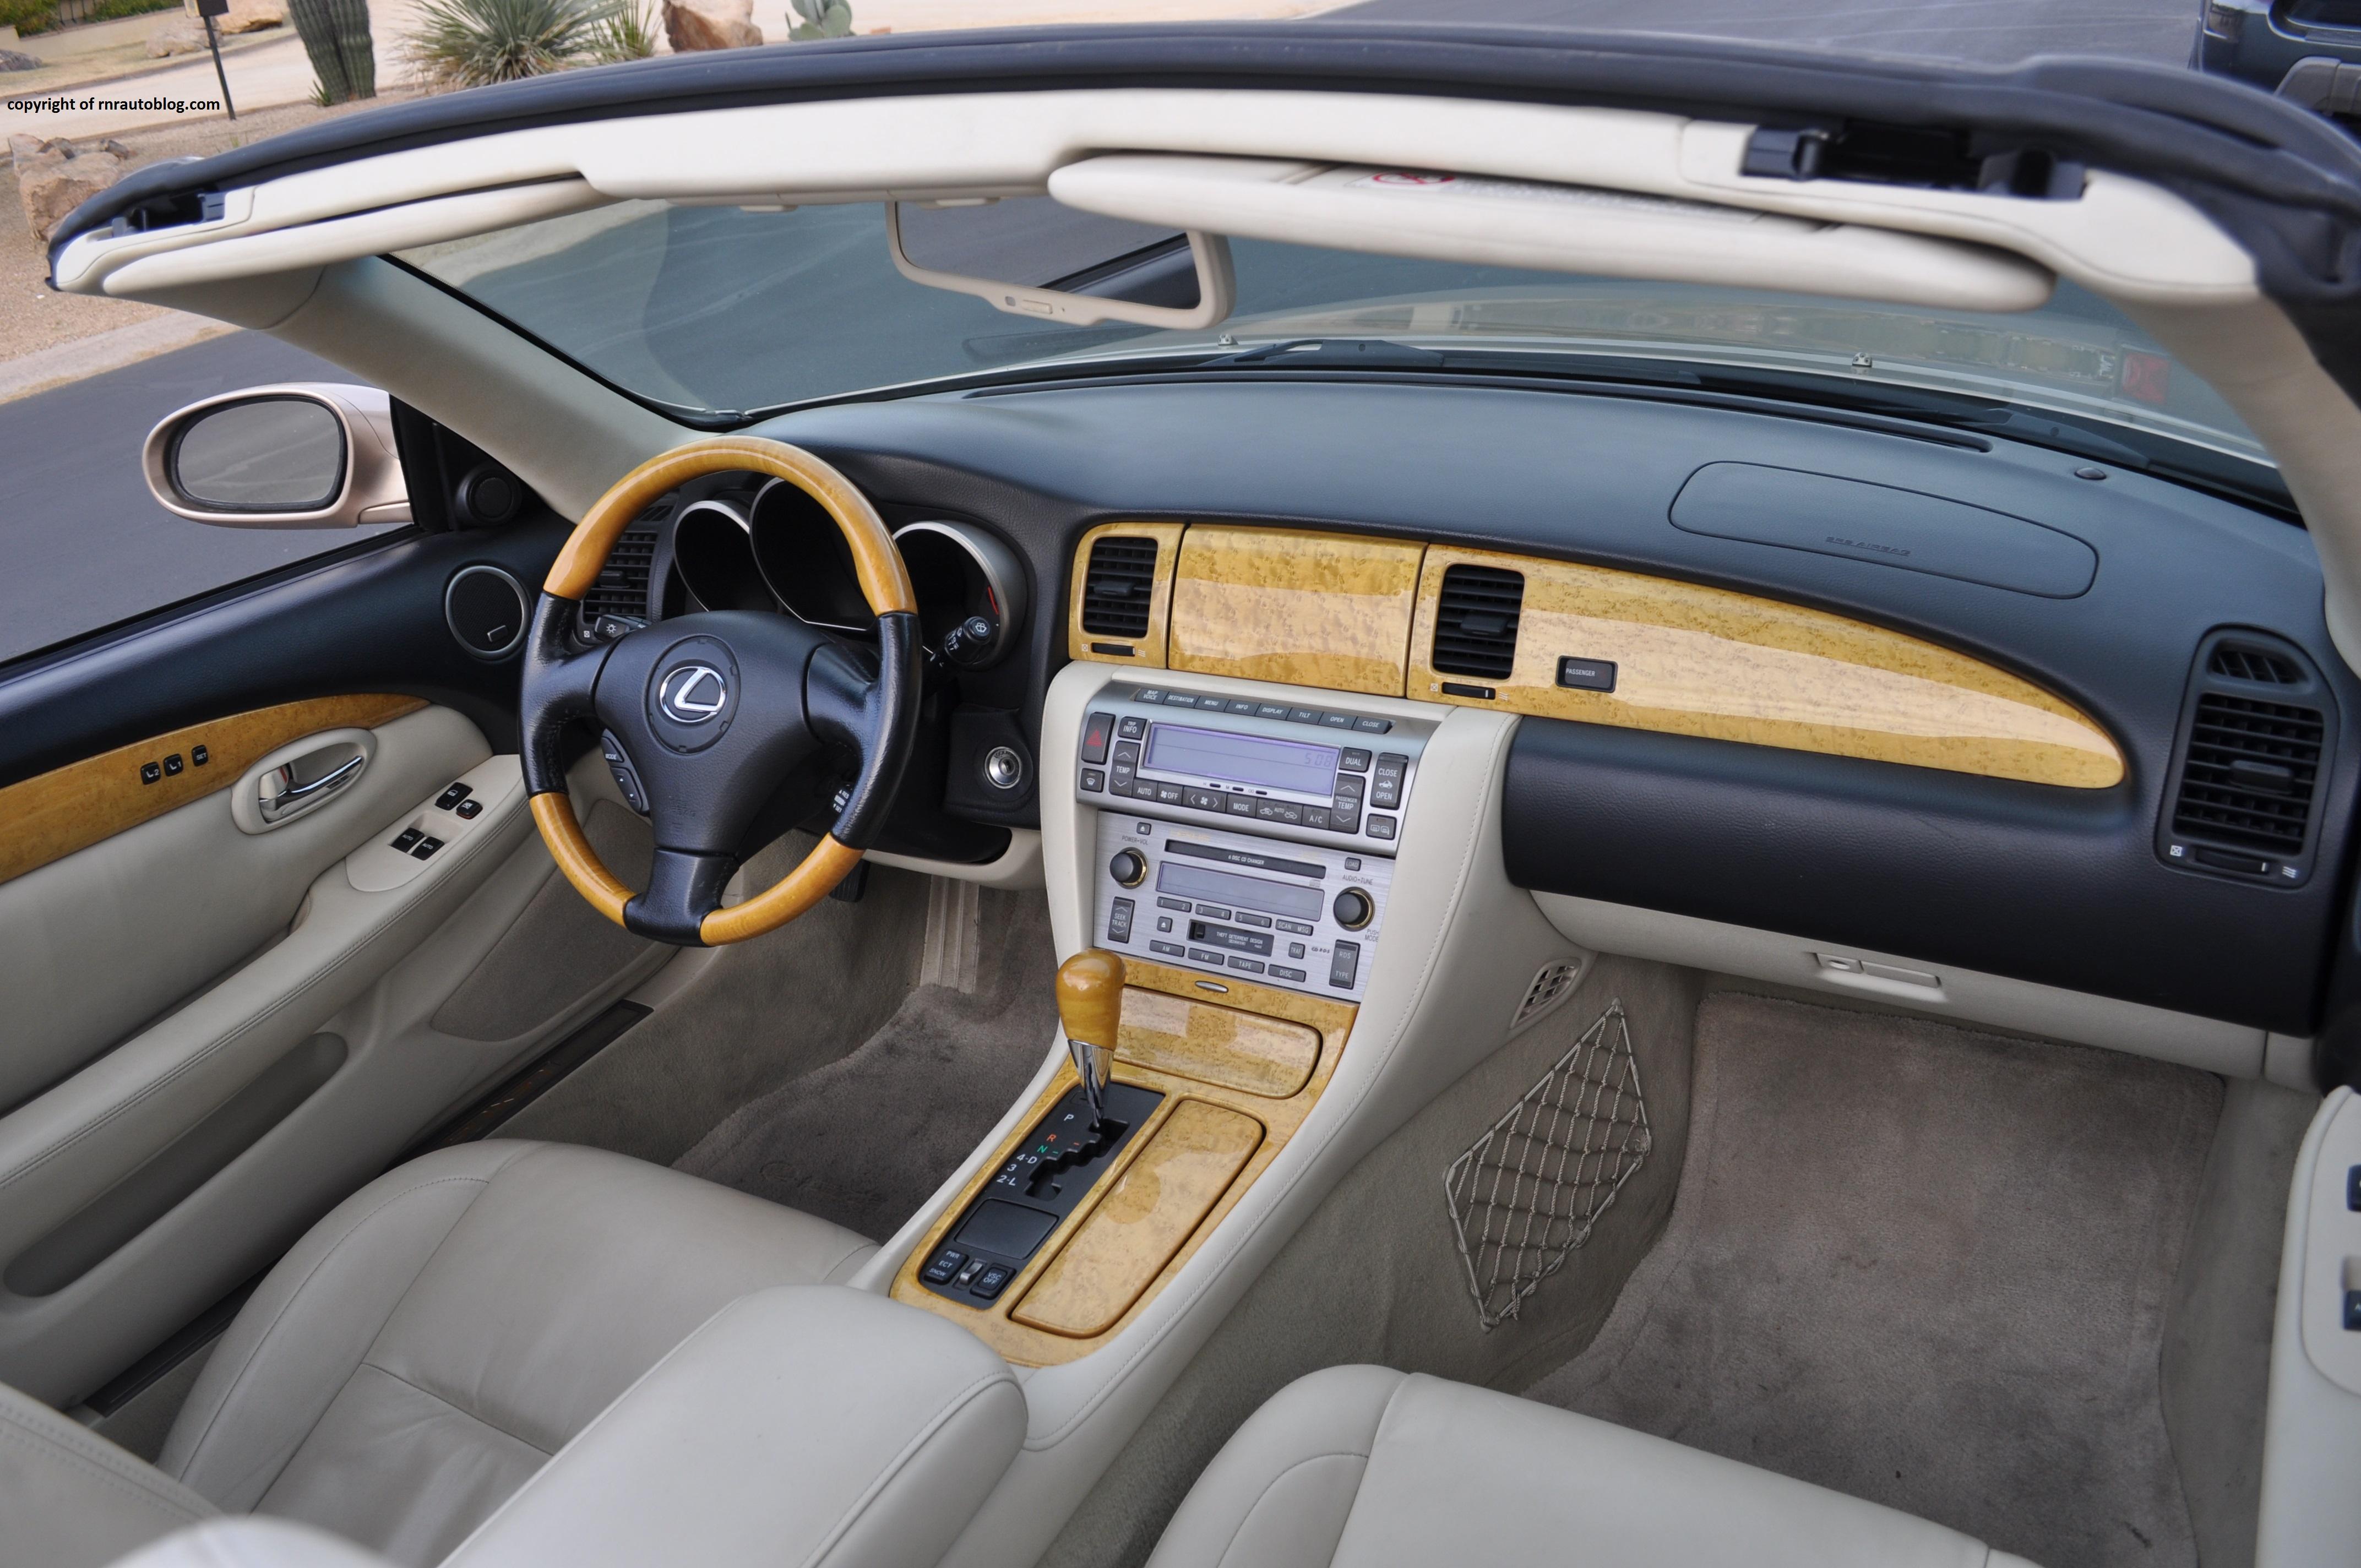 2006 Lexus SC430 Review